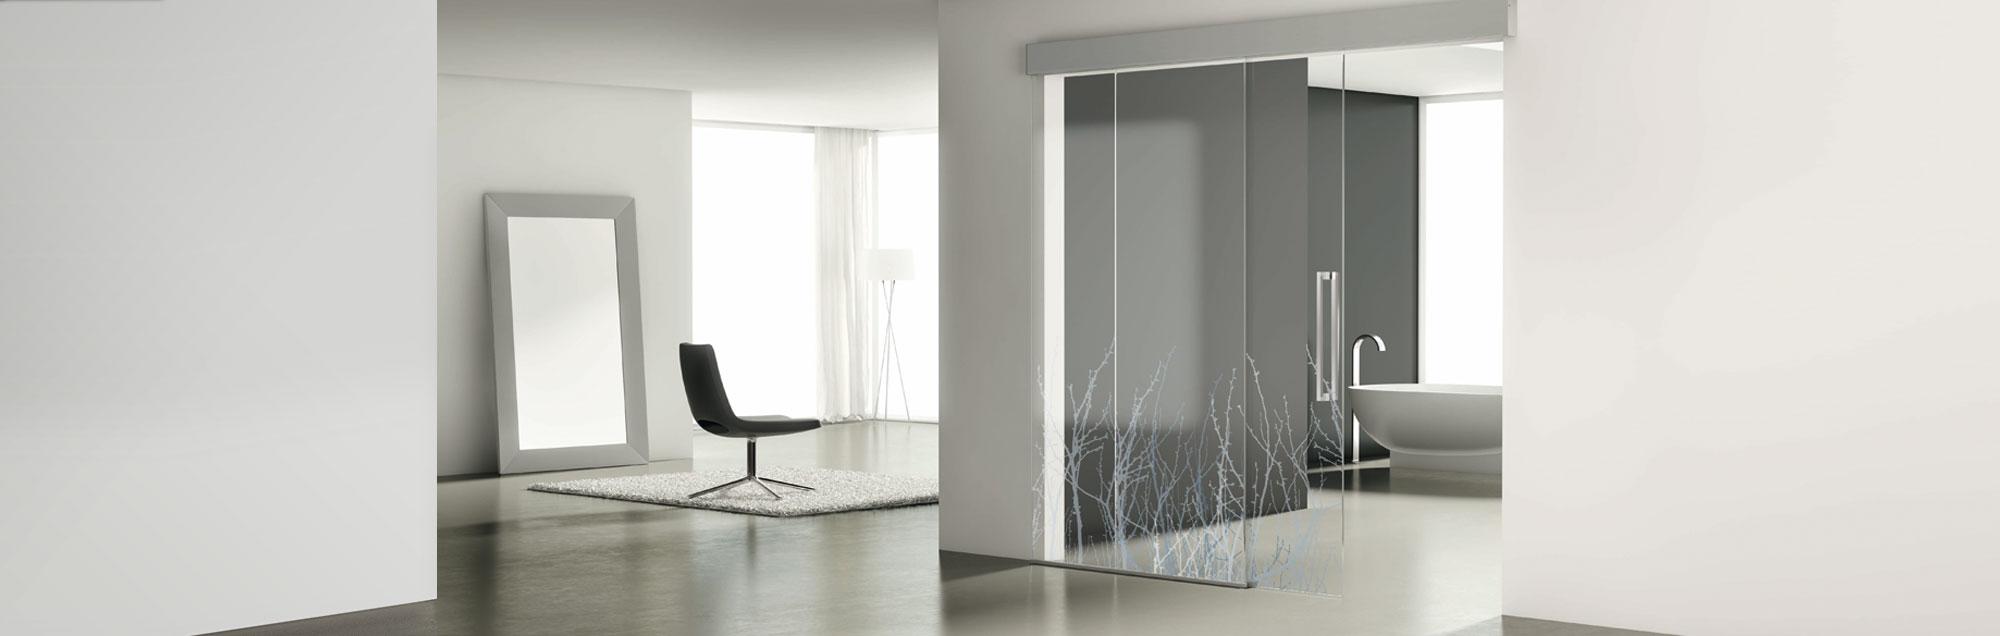 Luxor puertas de interior de vidrio correderas de profiltek - Medidas de puertas de interior ...